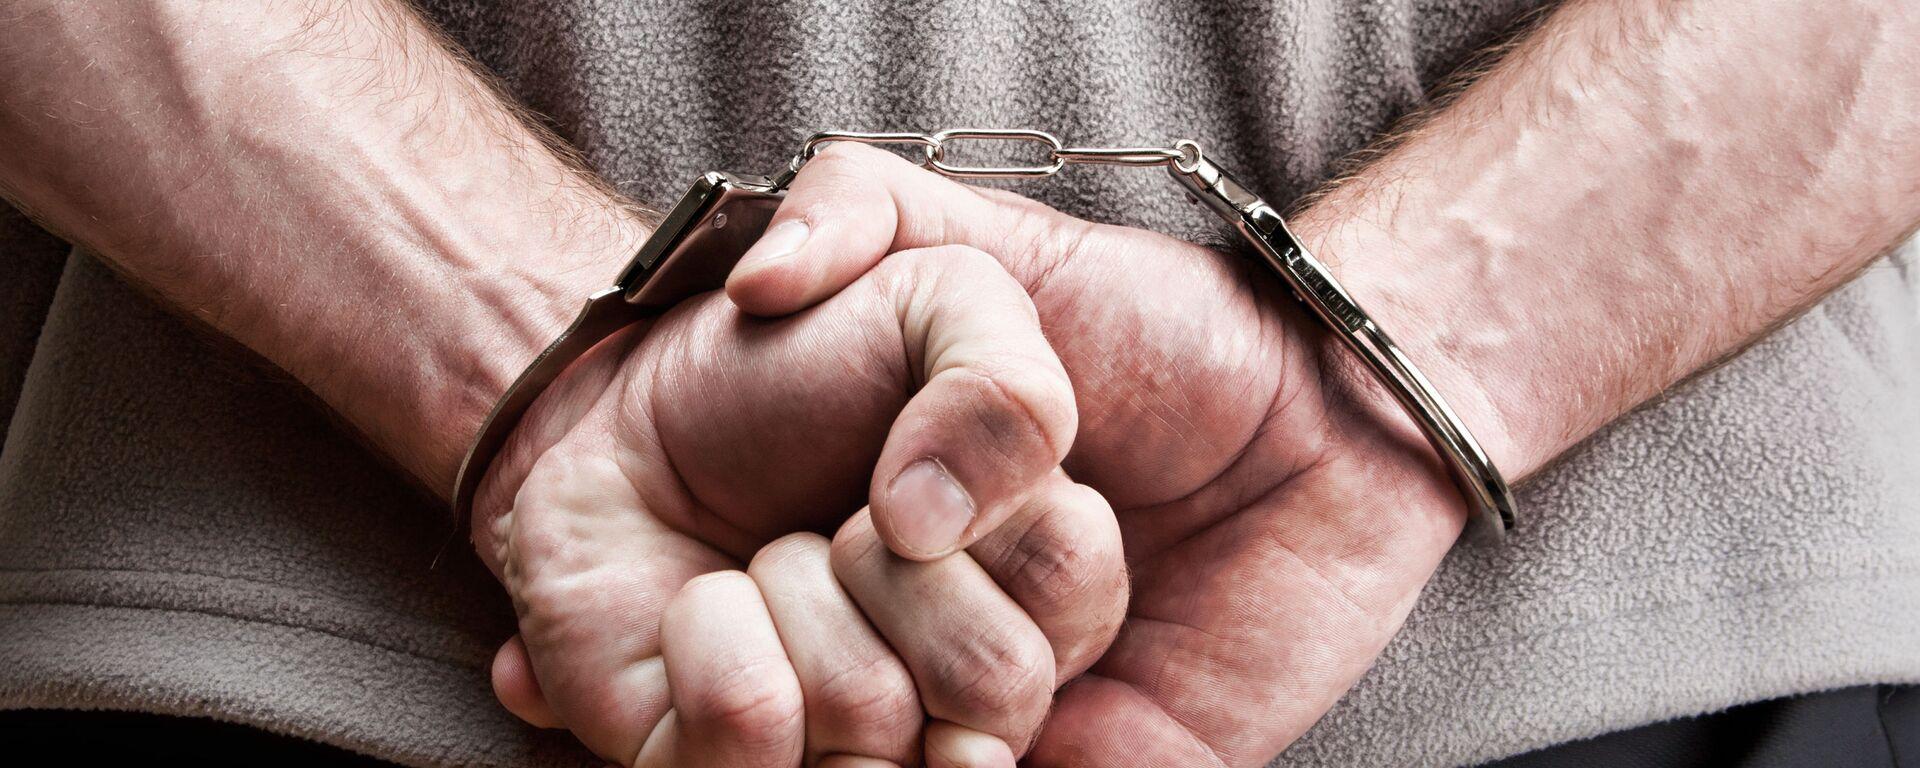 Мужчина в наручниках - Sputnik Узбекистан, 1920, 23.09.2021